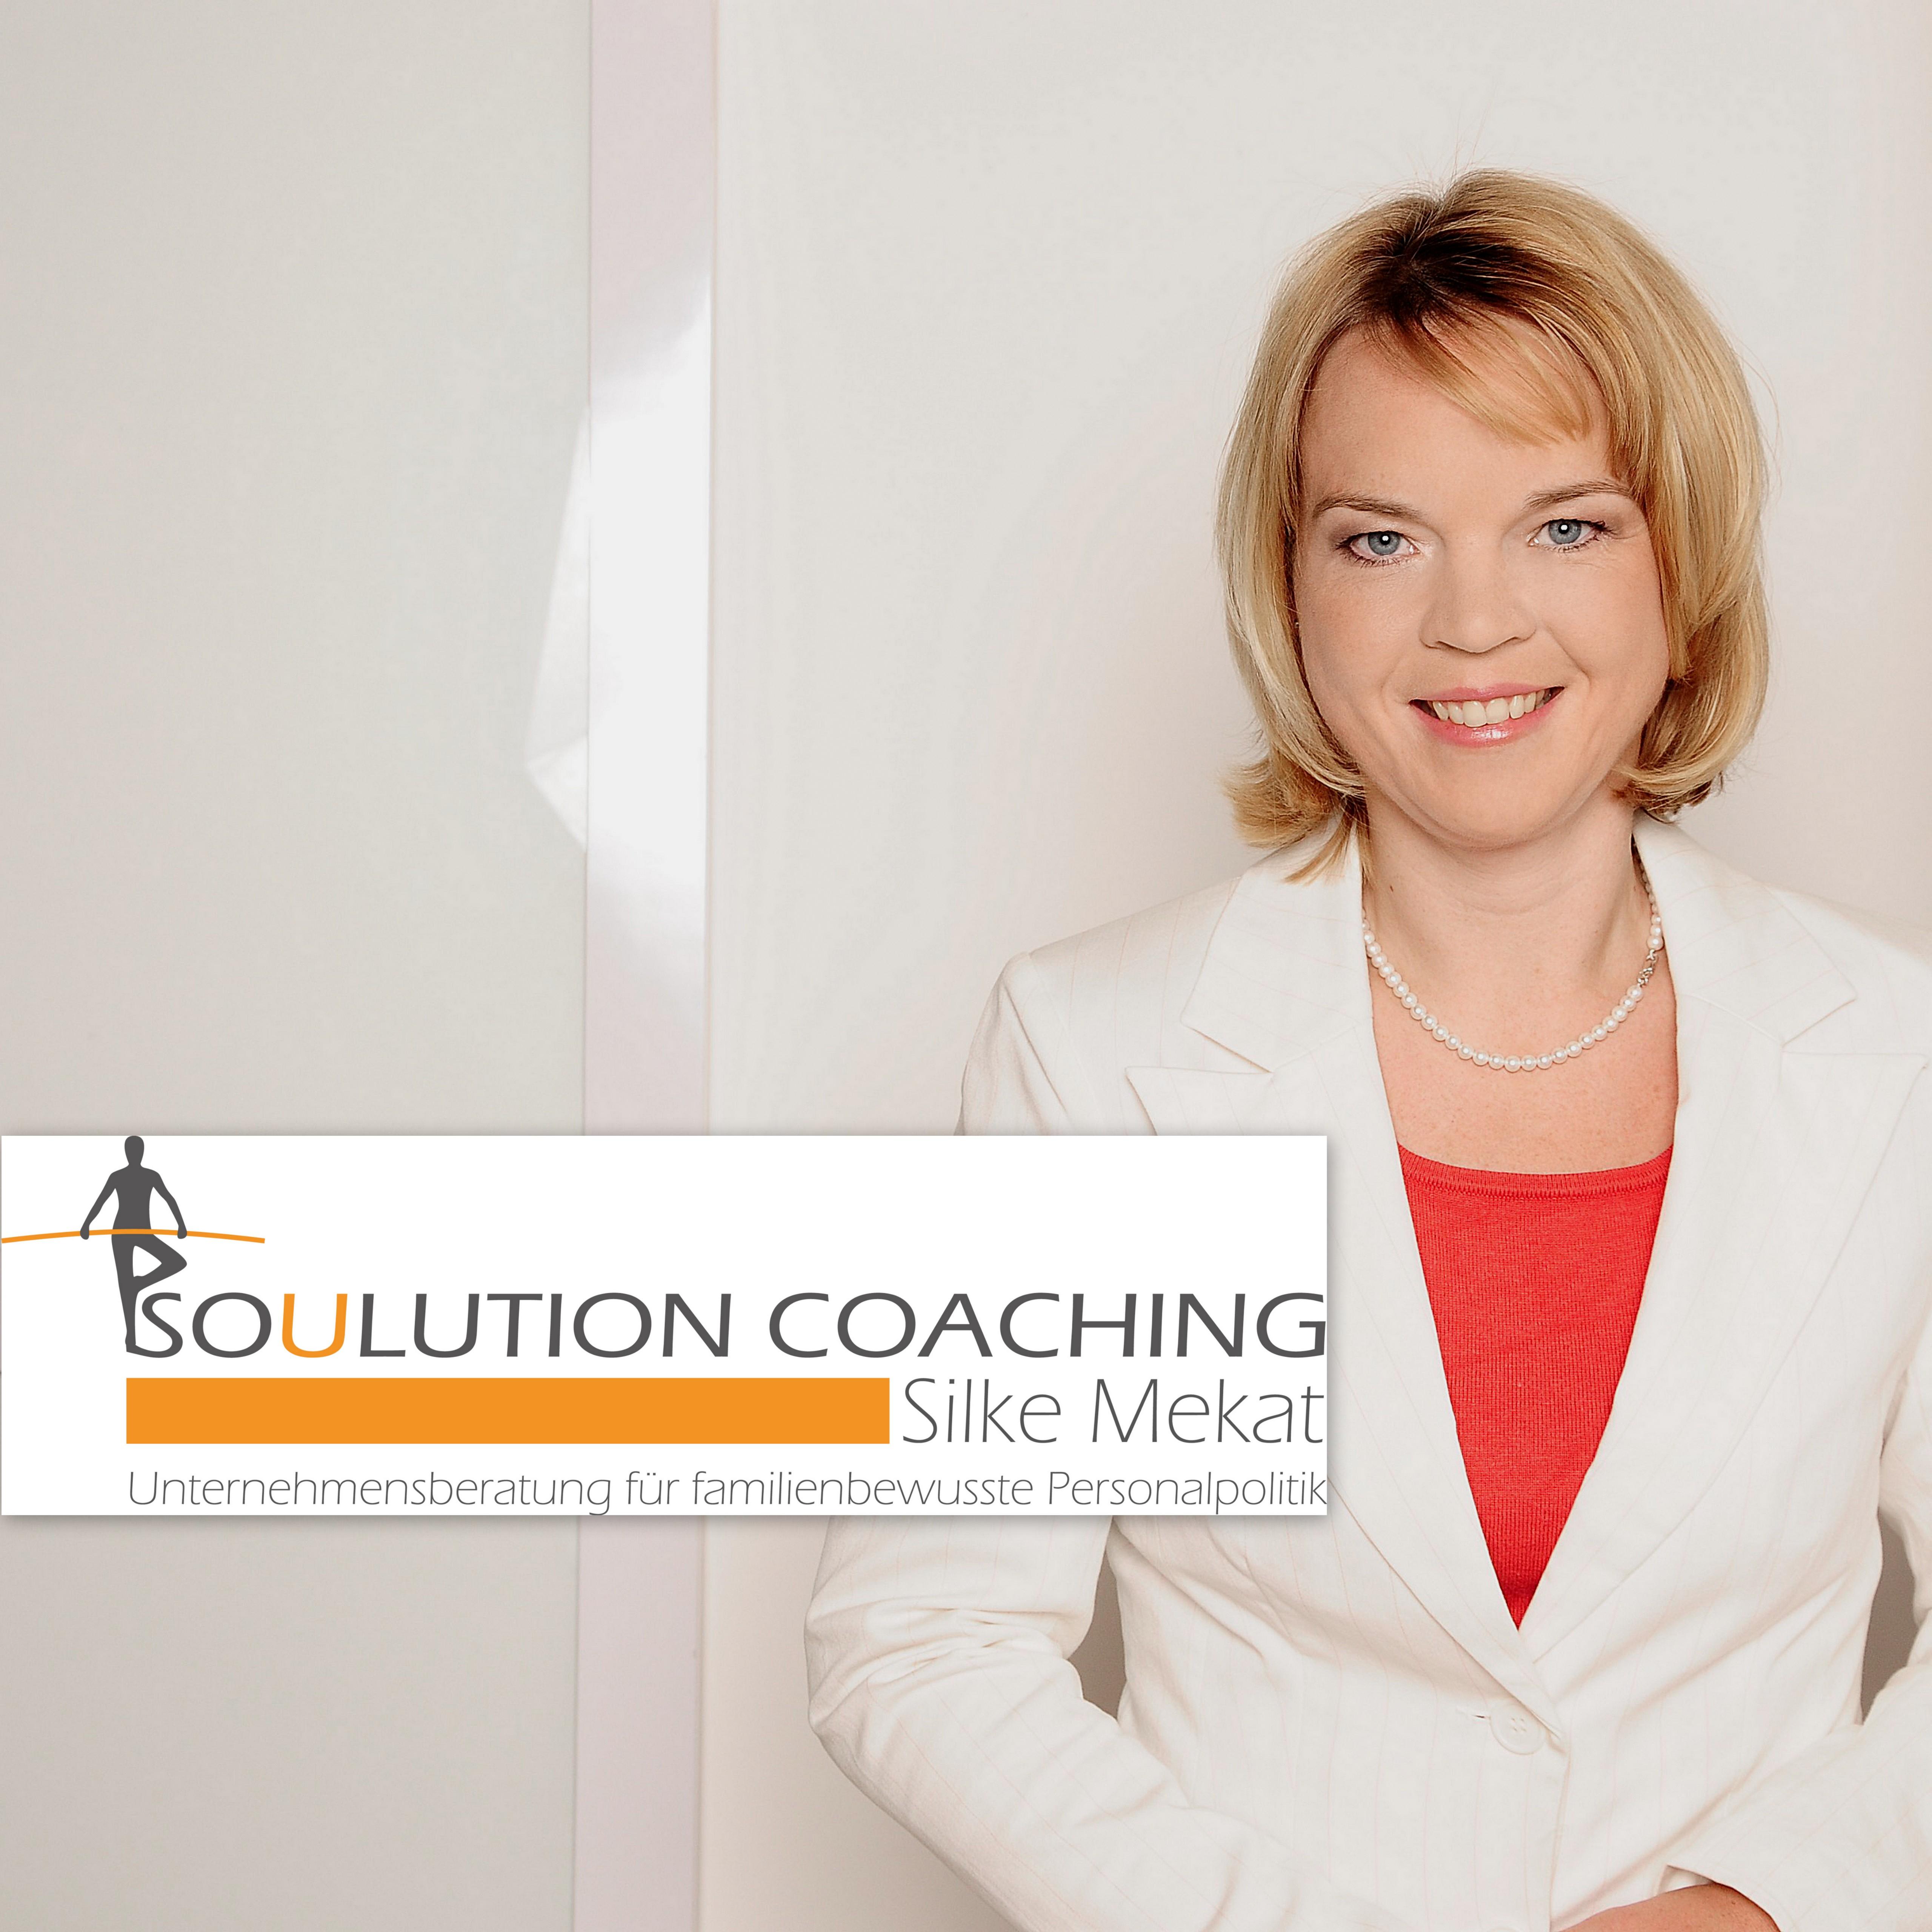 Soulution coaching silke mekat – beratung training coaching